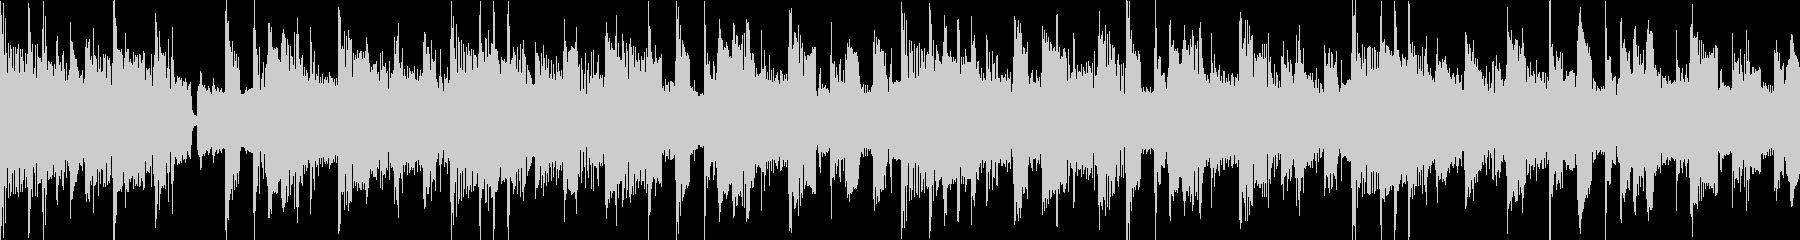 ファンク セッション風 ループ Emの未再生の波形